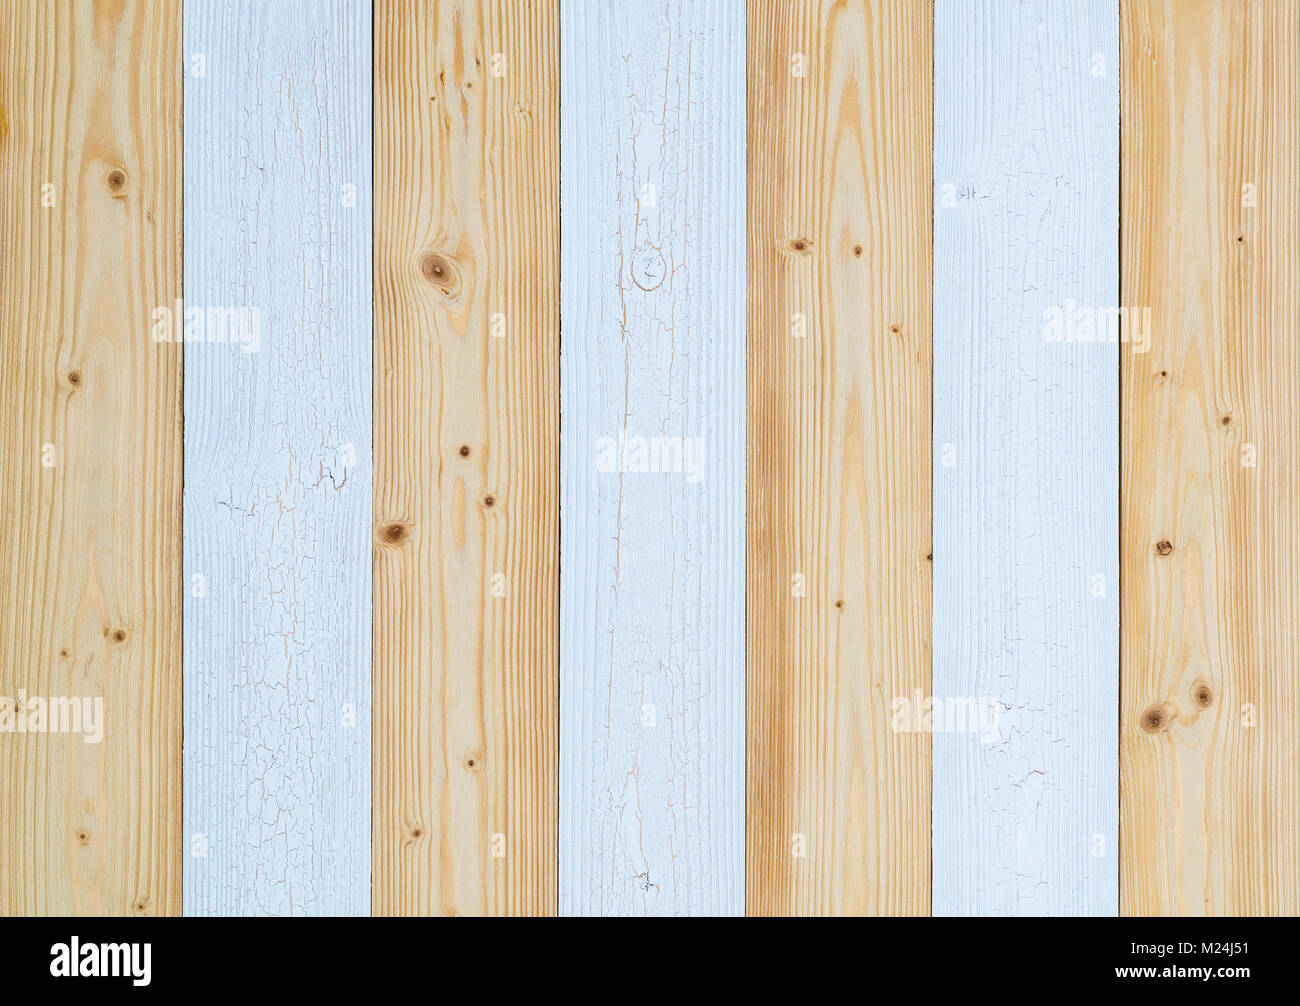 Braune Und Weiße Holz Textur Mit Natürlichen Streifenmuster Für  Hintergrund, Holz  Oberfläche Stockbild